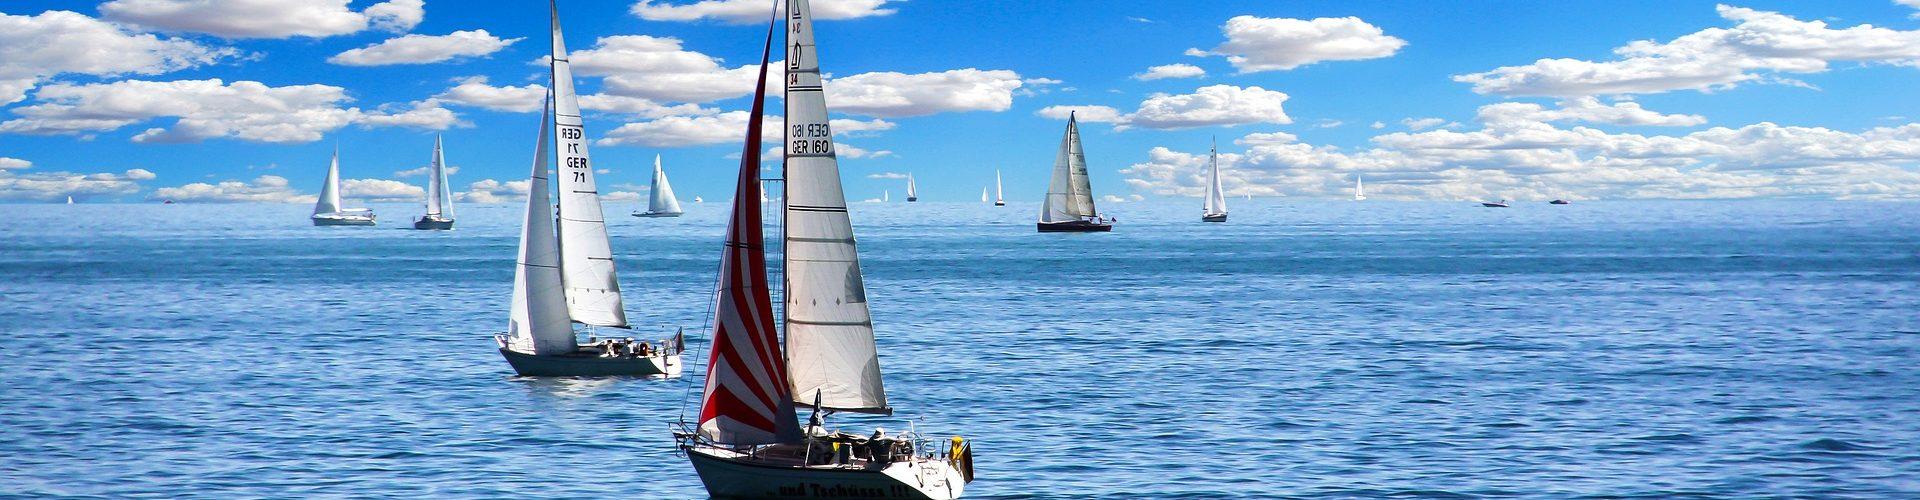 segeln lernen in Munster segelschein machen in Munster 1920x500 - Segeln lernen in Munster